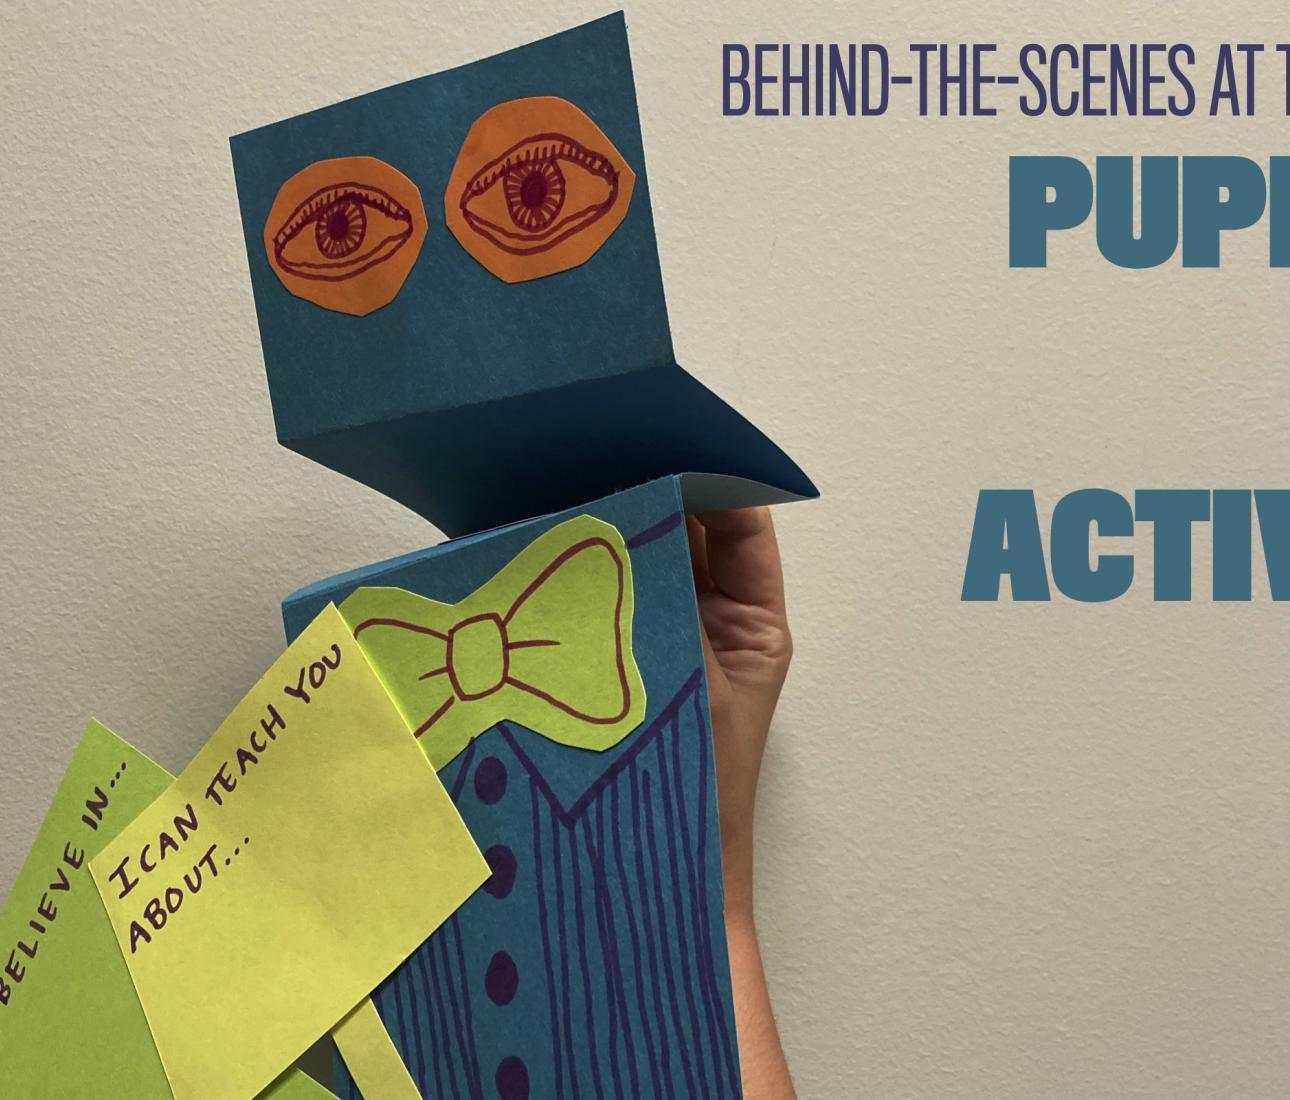 Dans les coulisses du musée: marionnettes et activisme à New York